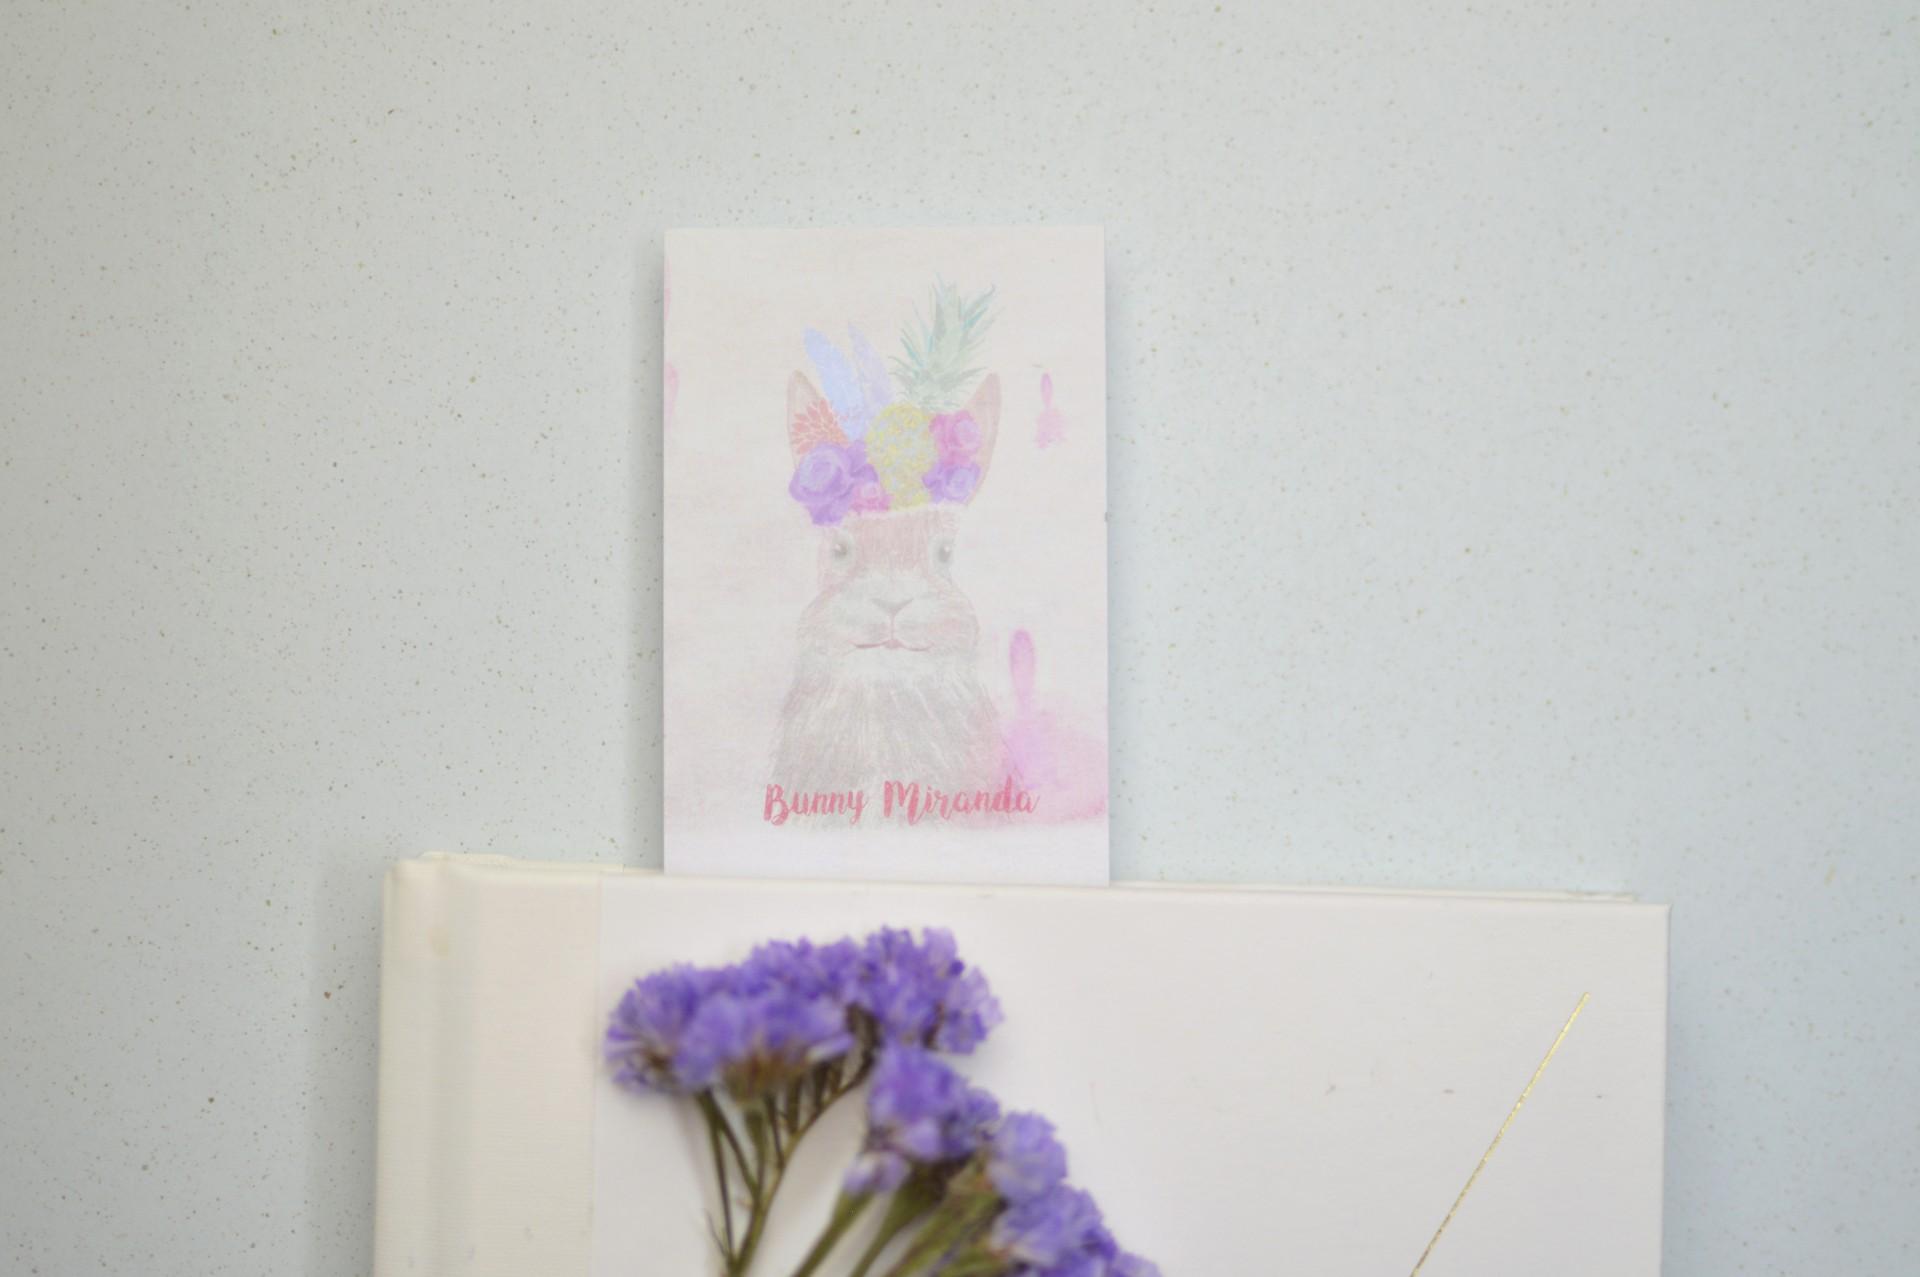 Bunny Miranda